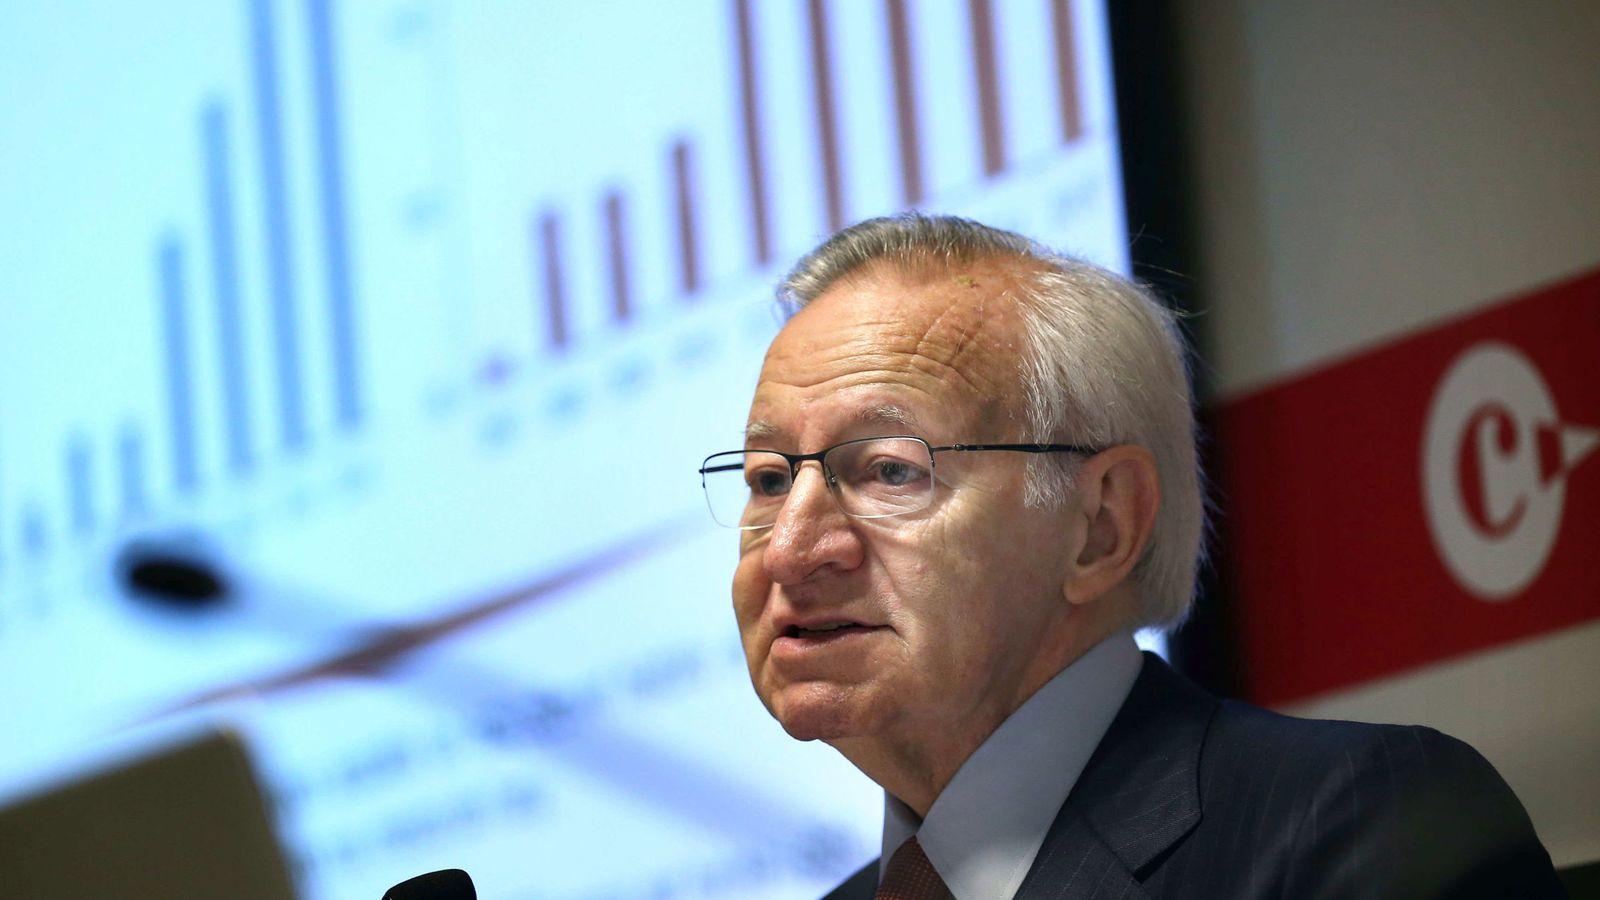 Foto: El presidente de la Cámara de Comercio de Barcelona, Miquel Valls. (EFE)